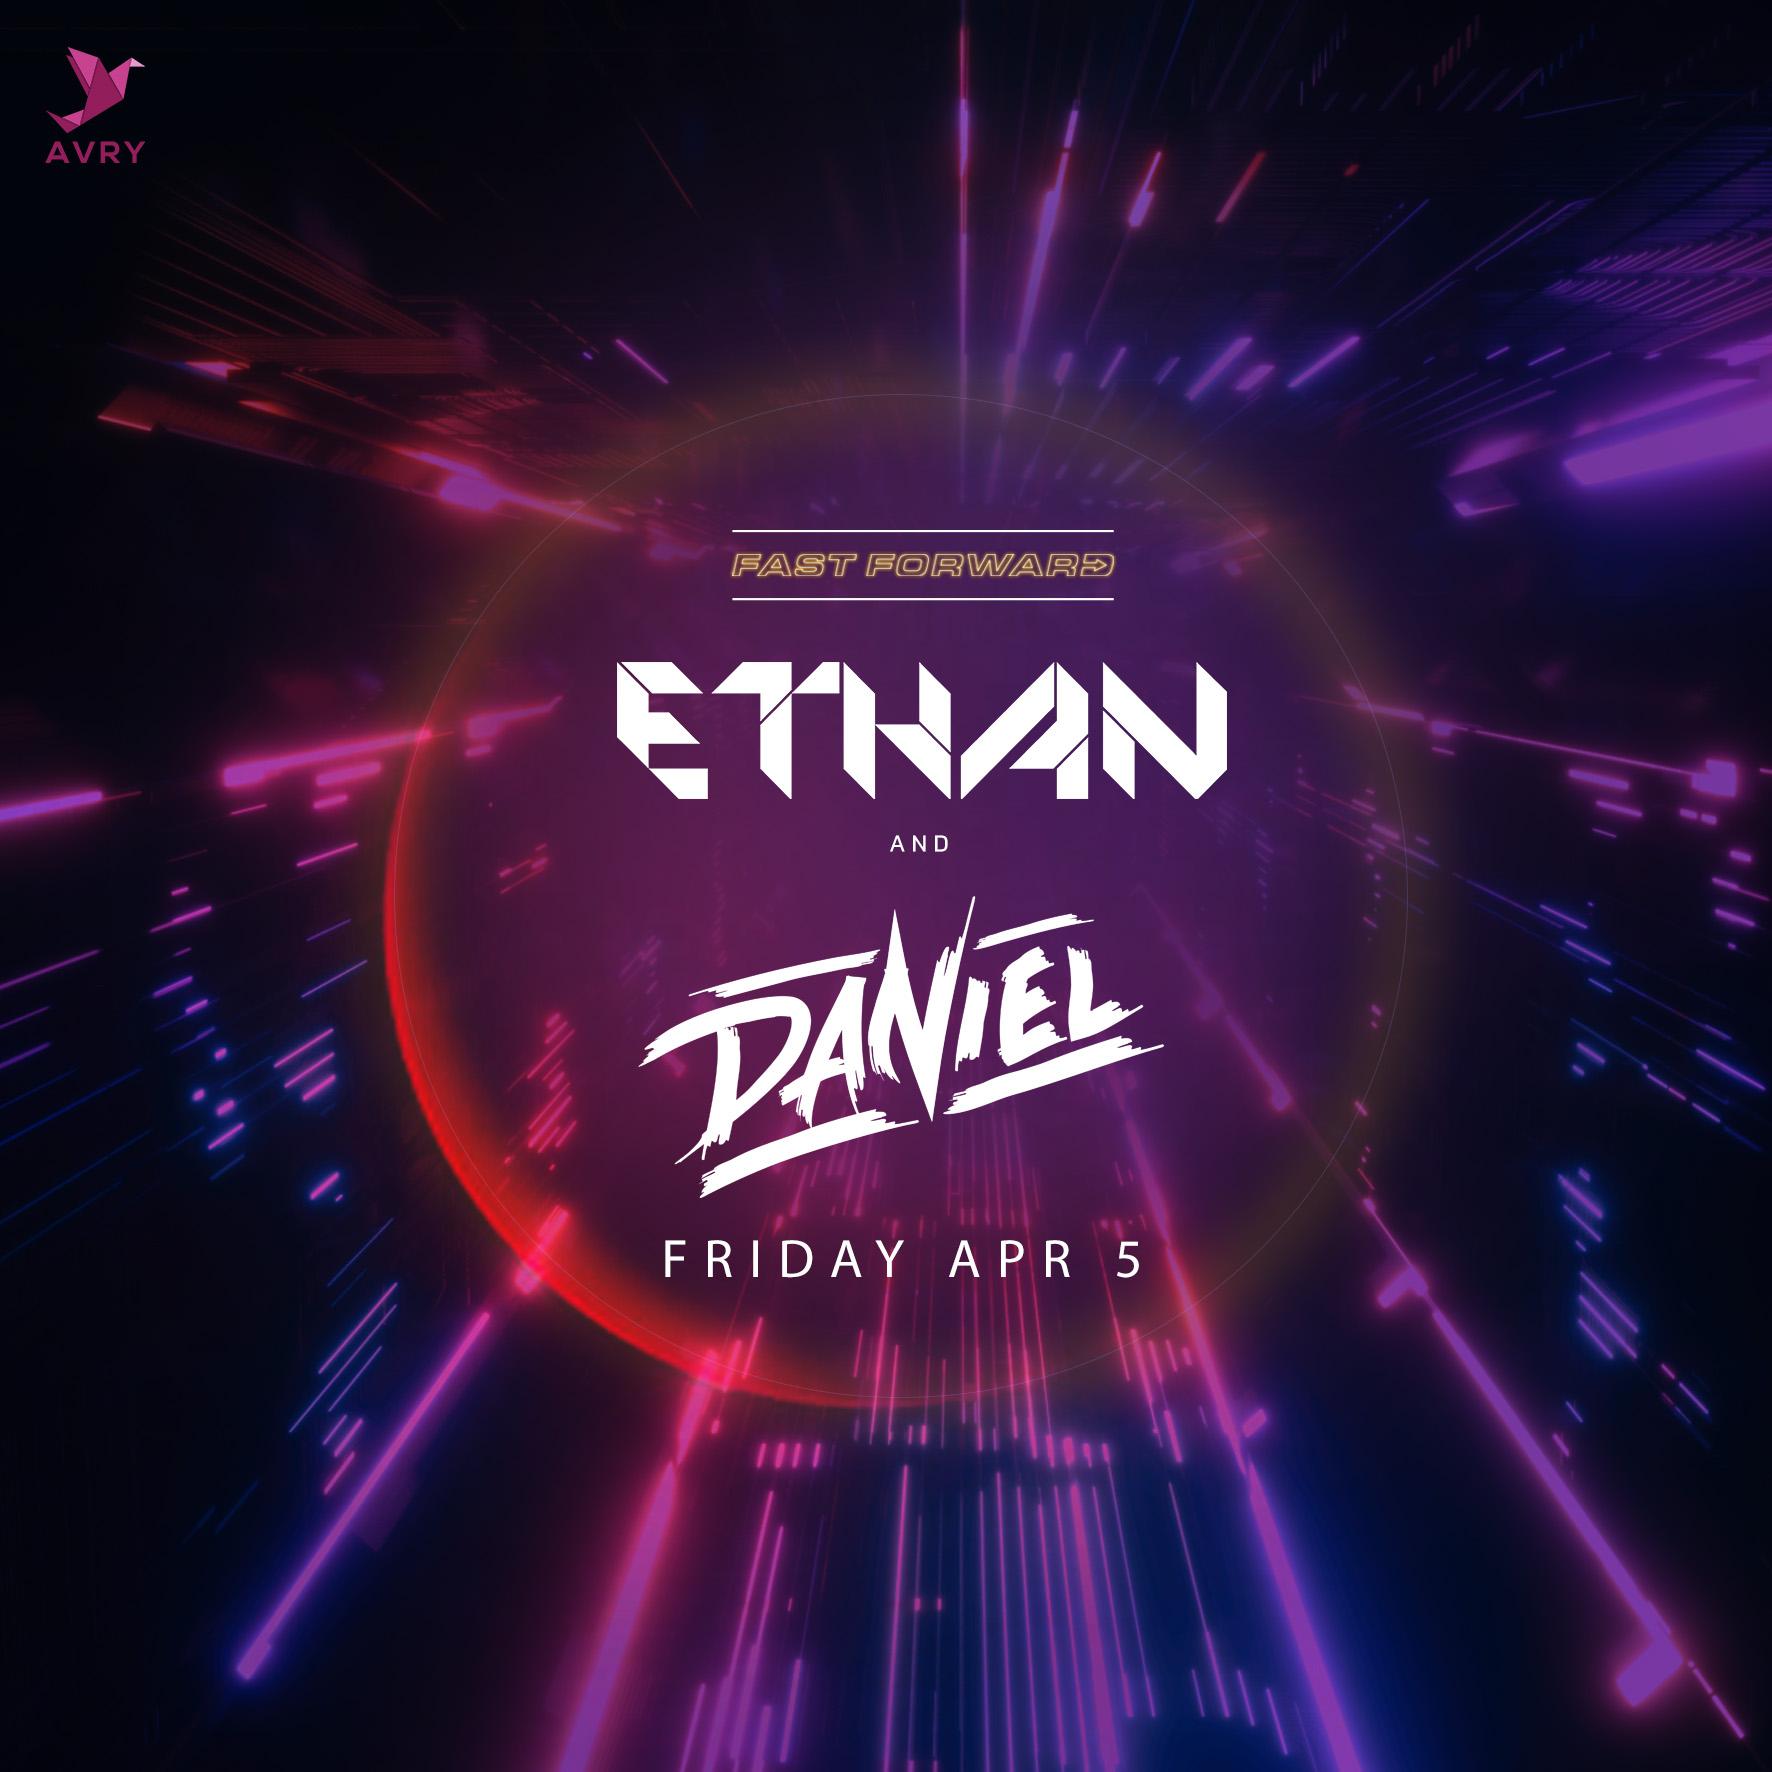 FRI 5/4/19 - FAST FORWARD with Ethan and Daniel